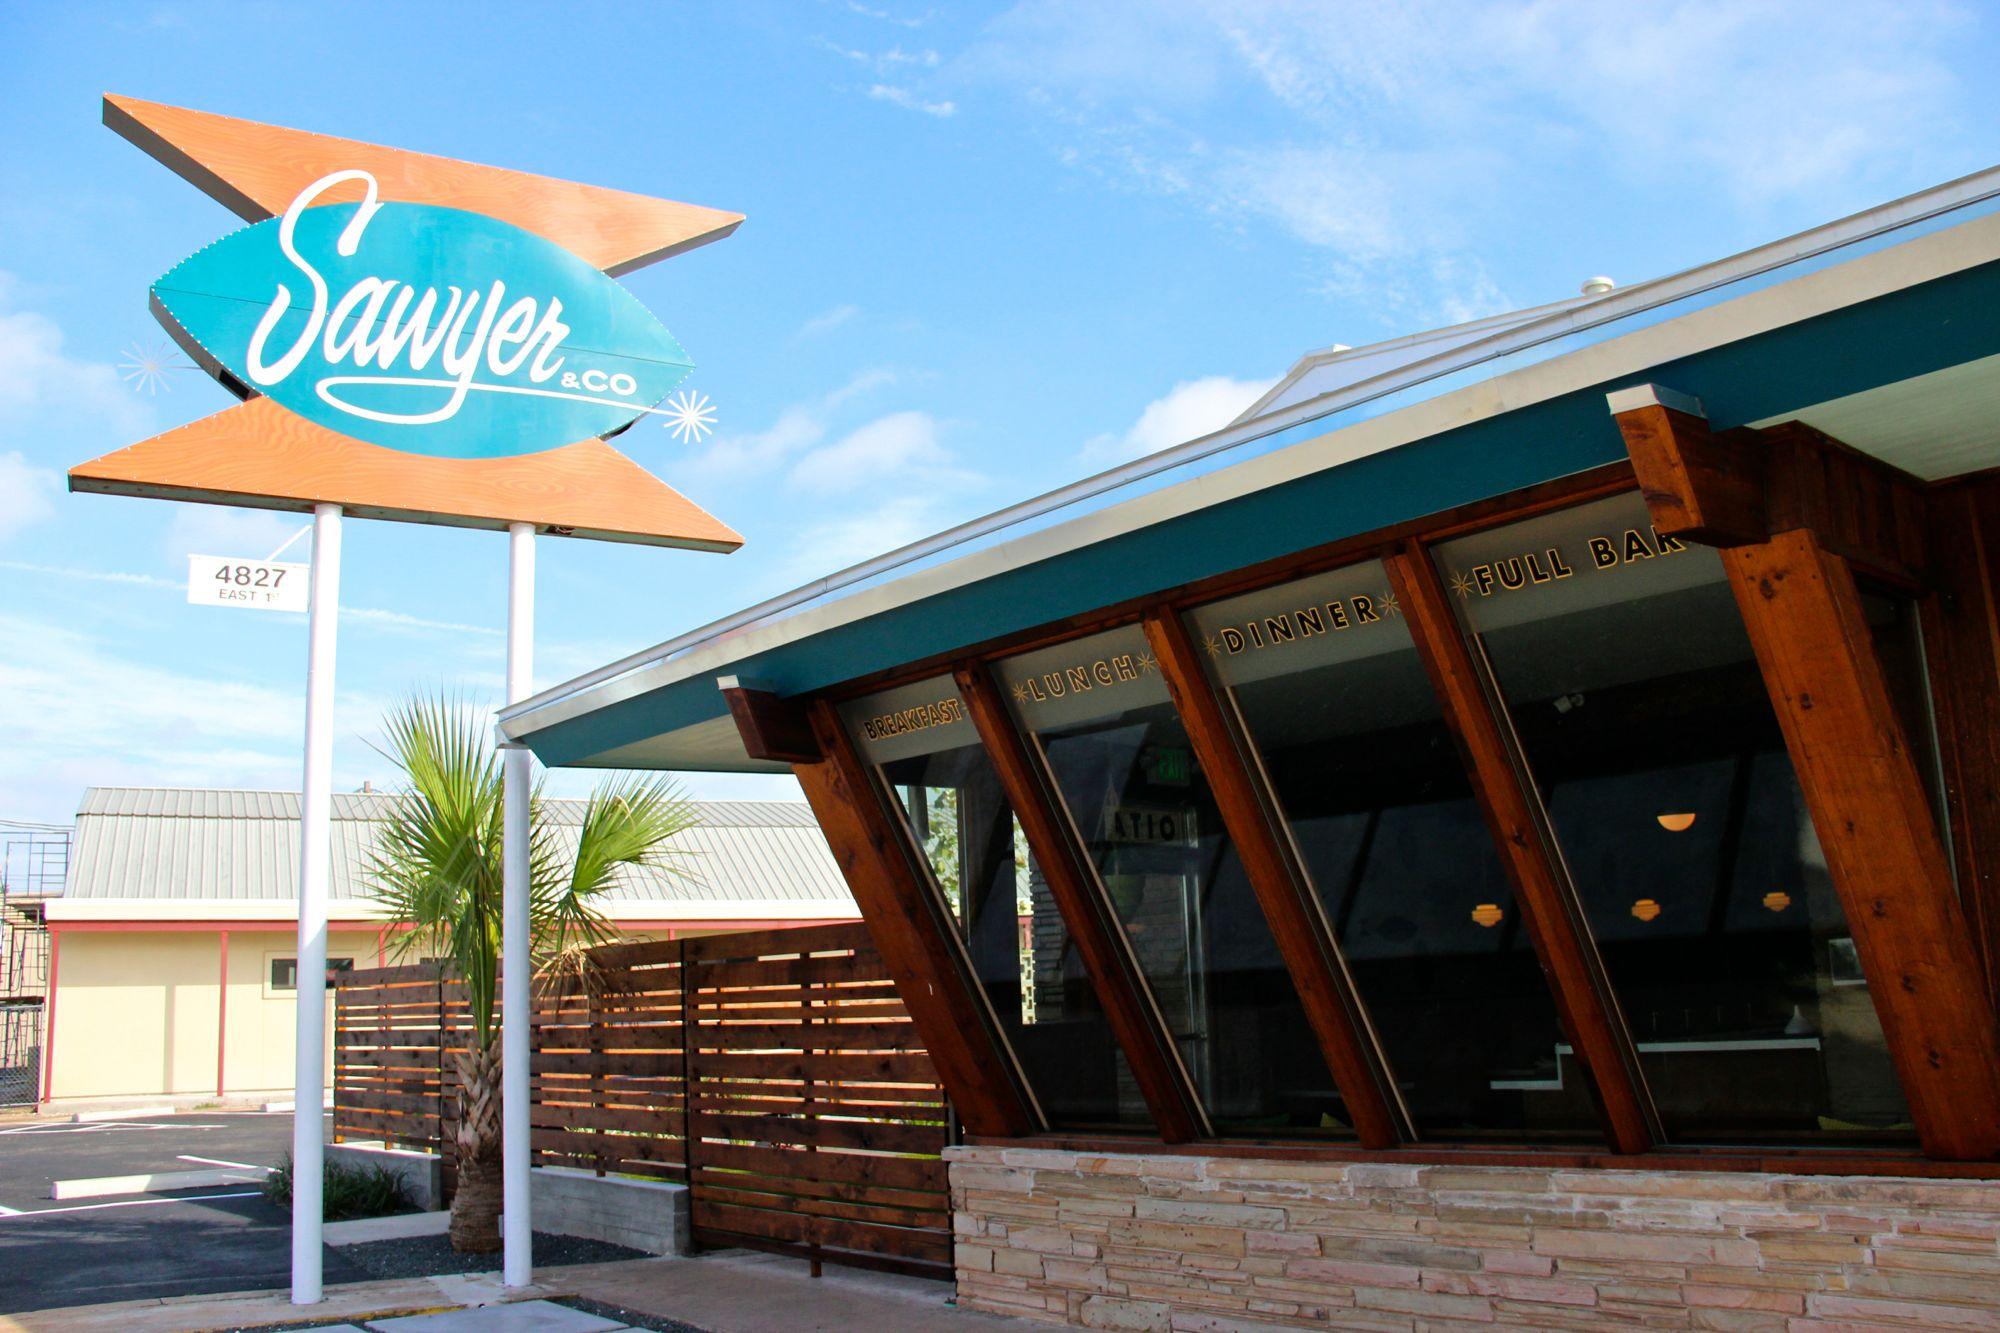 Sawyer & Co.